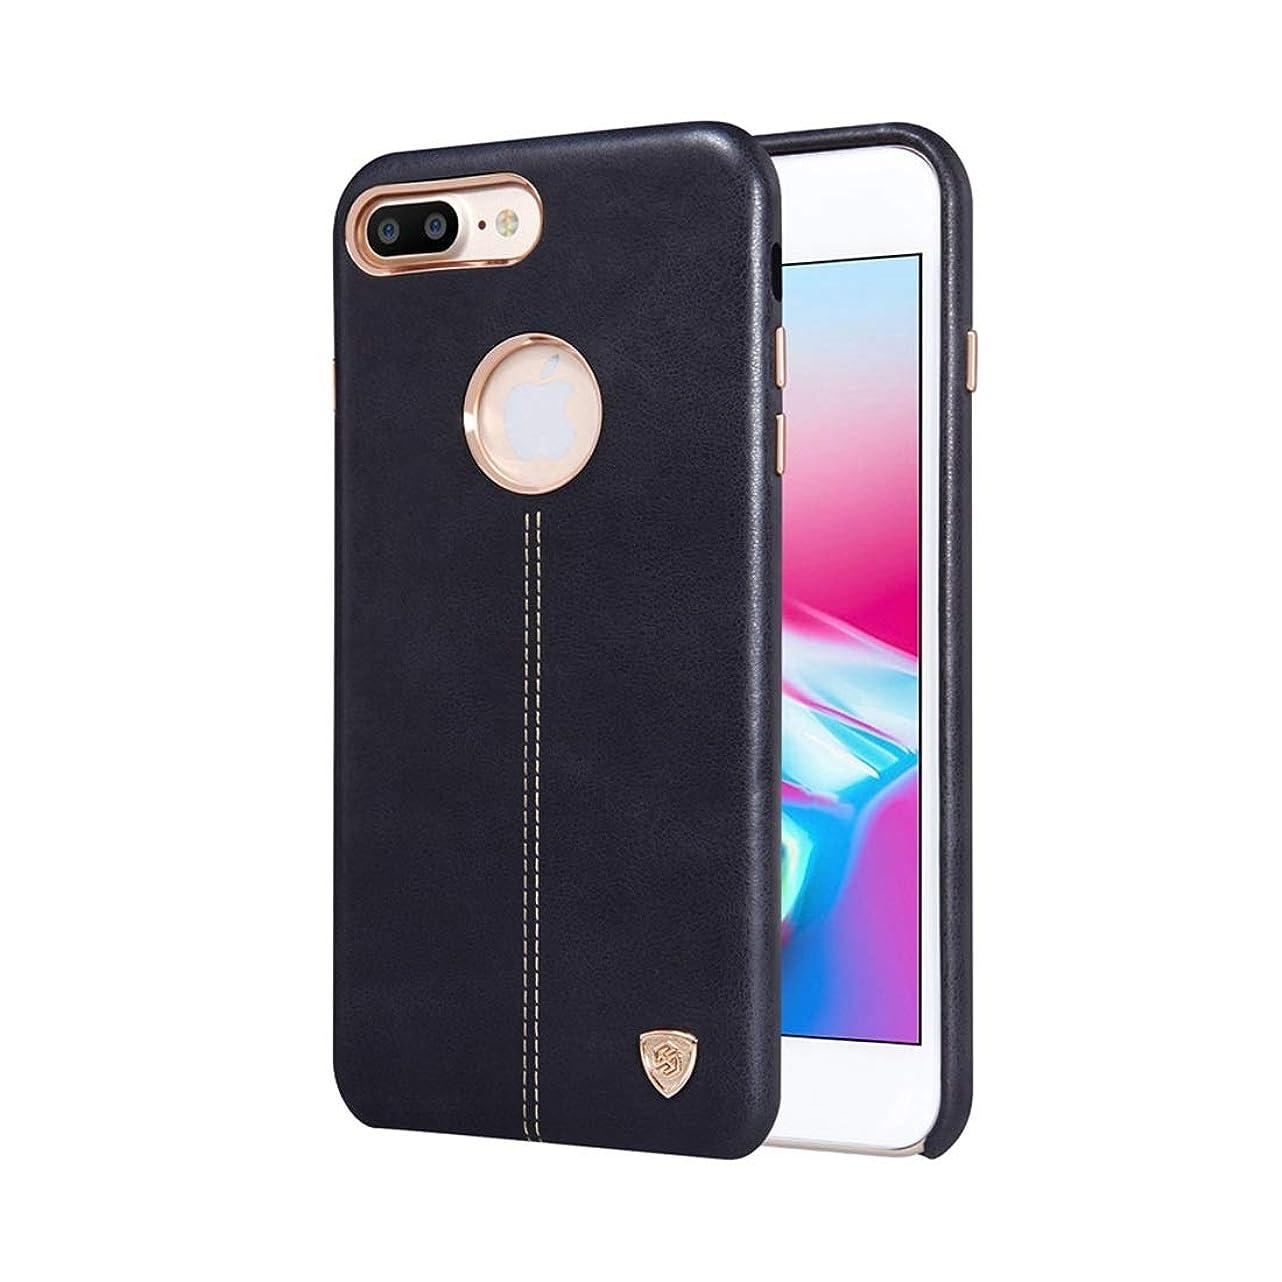 作りますのためにインディカIPhone 8プラスオールインクルーシブ電話ケースの場合 KAKACITY (色 : 黒, サイズ : IPhone8 Plus)